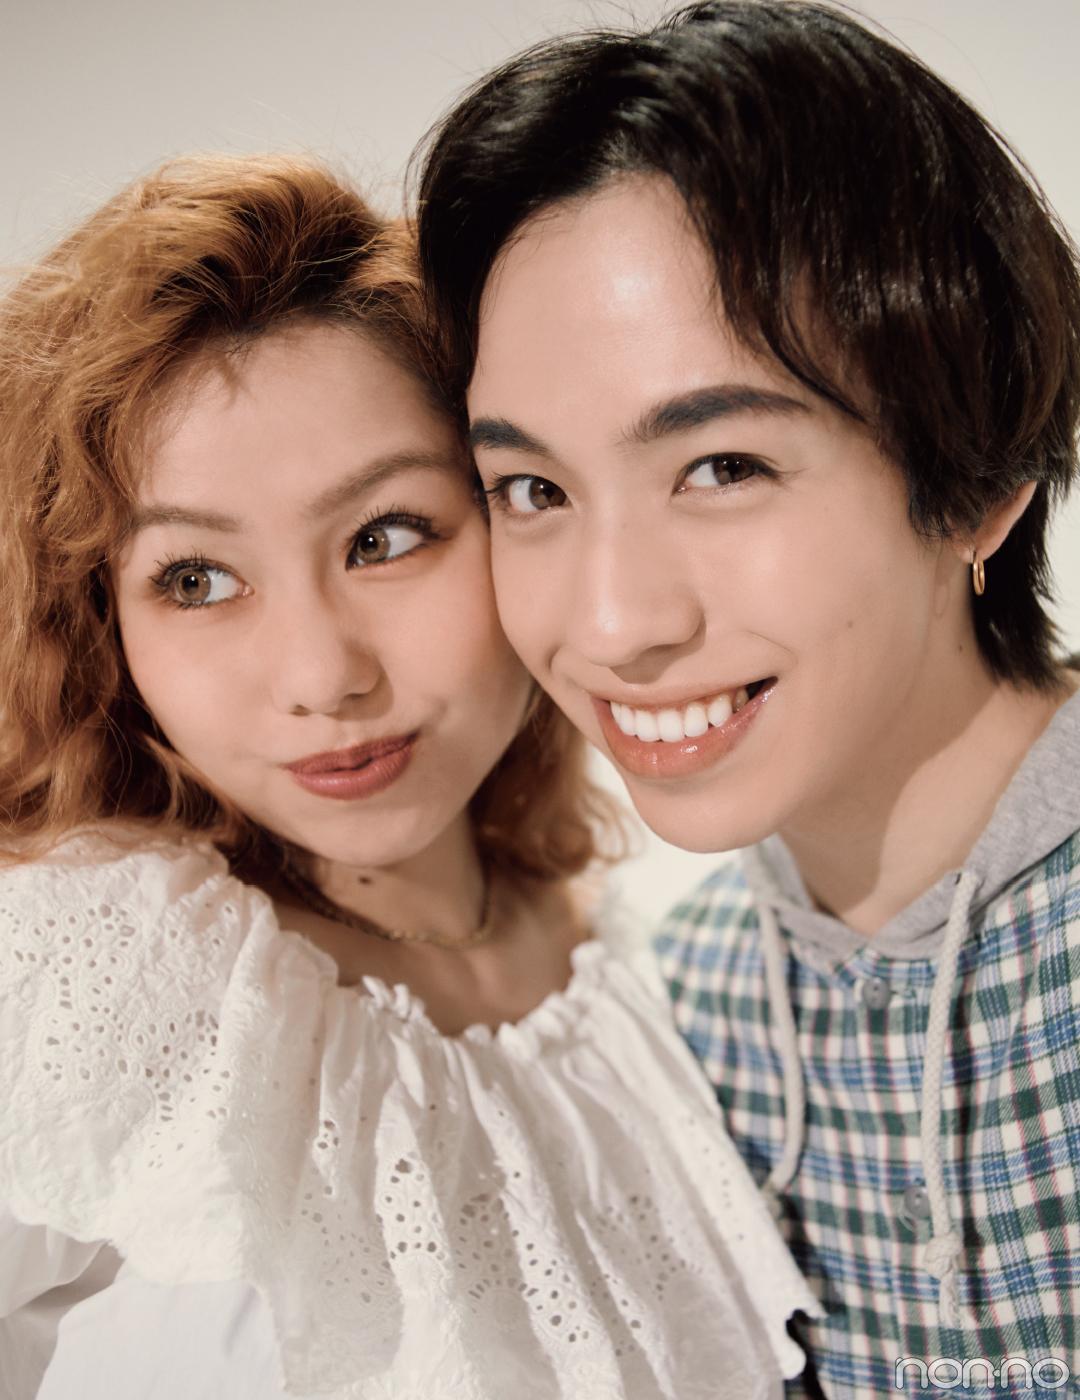 ぺこ&りゅうちぇるに「結婚、出産、子育て」についてインタビュー